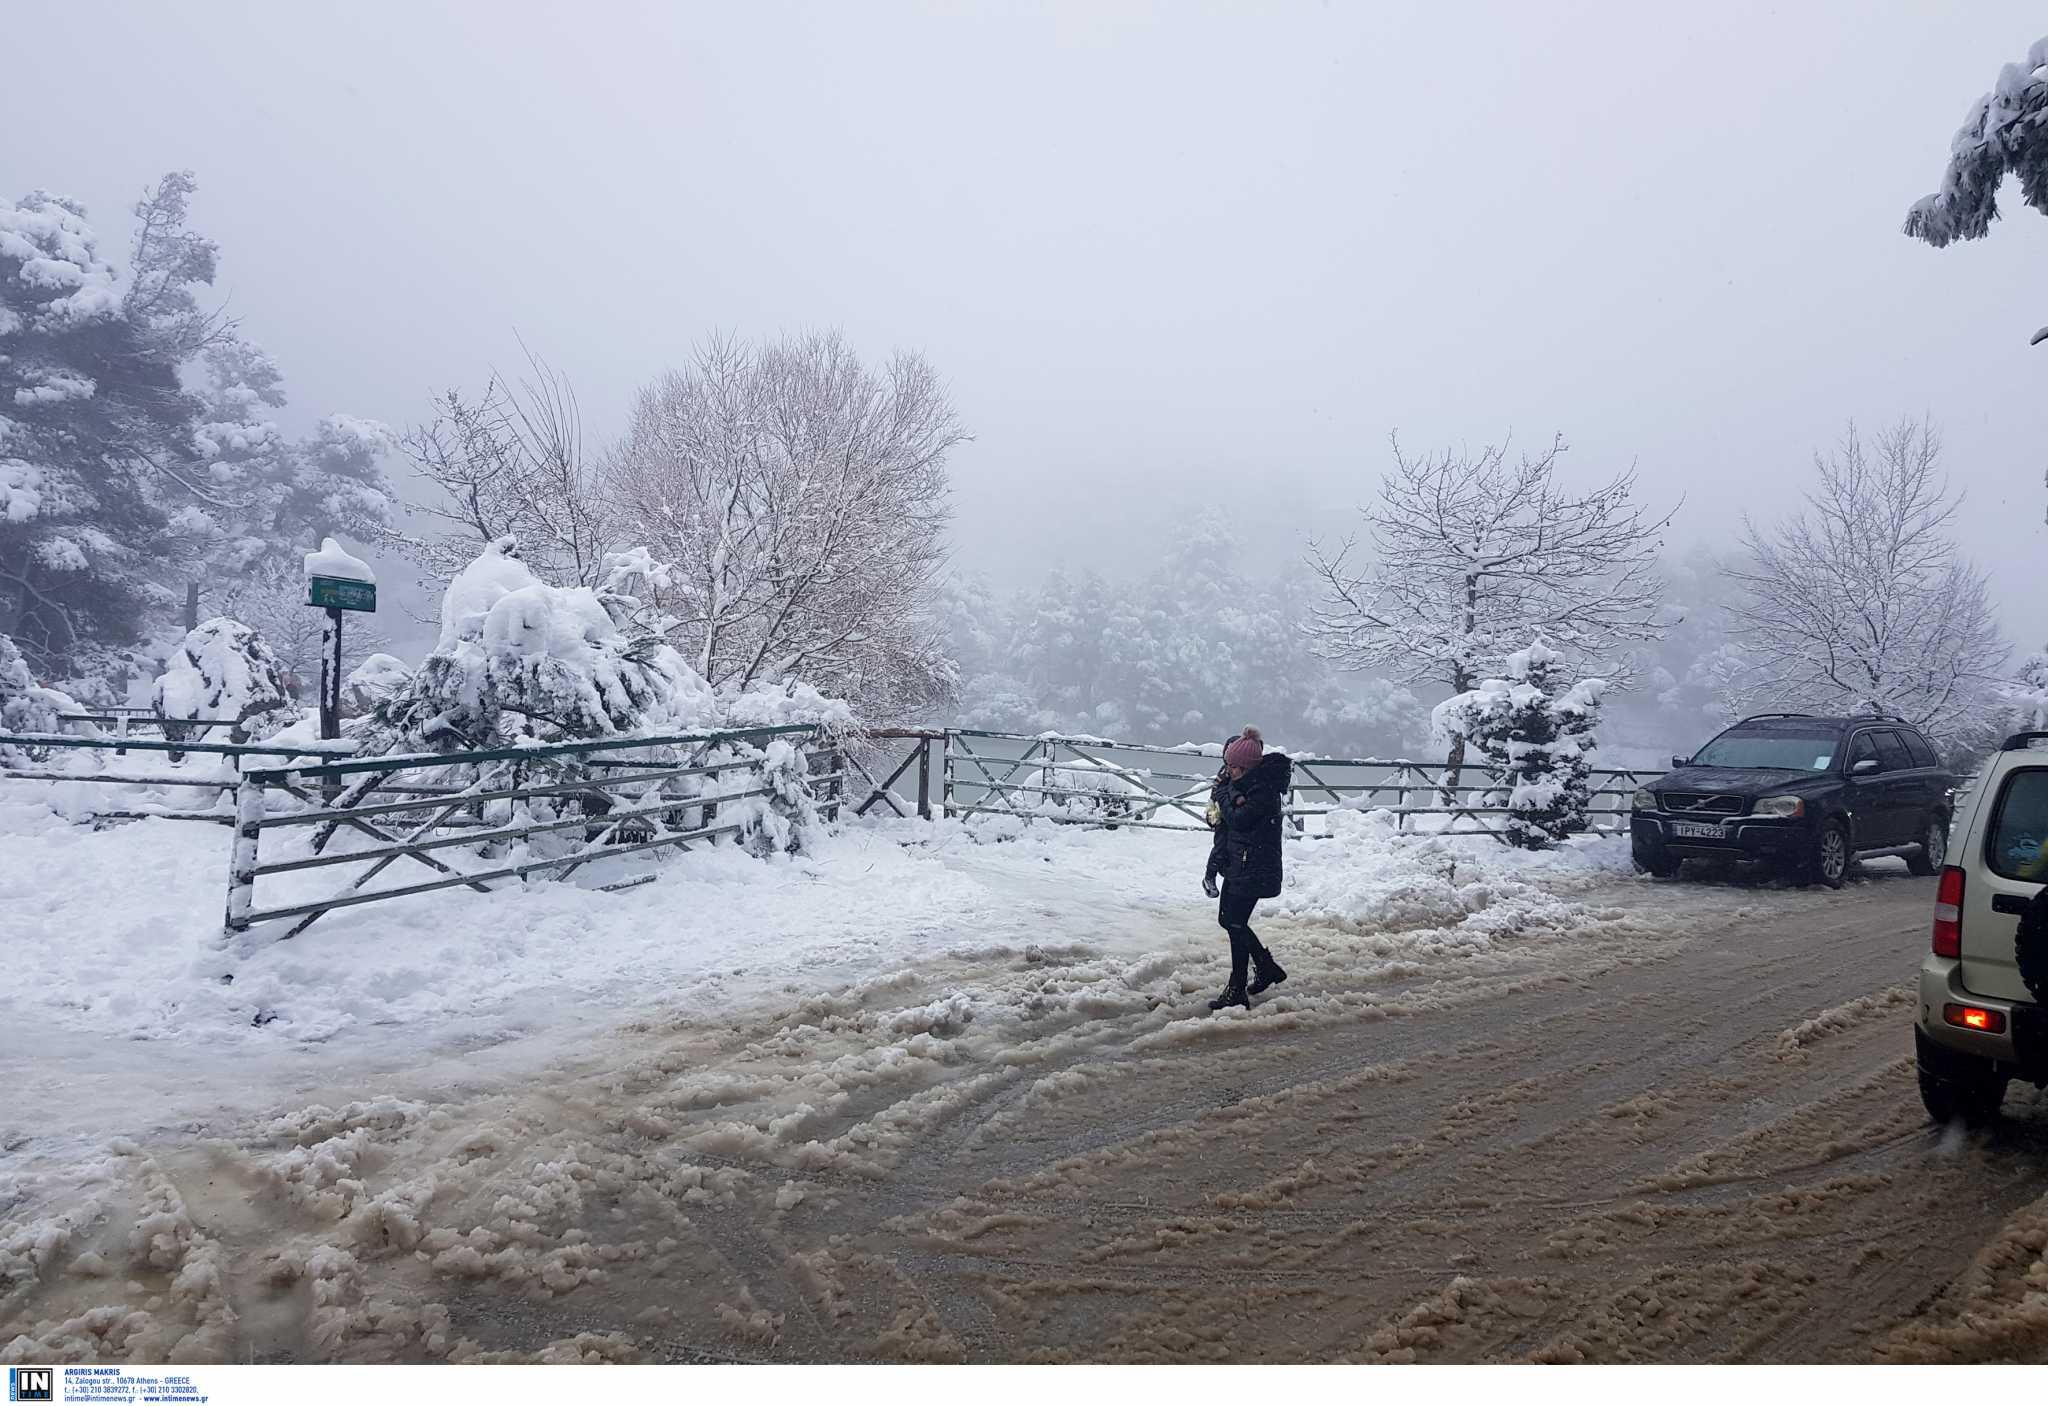 Καιρός σήμερα: Στην κατάψυξη όλη η χώρα – Πού θα χιονίσει